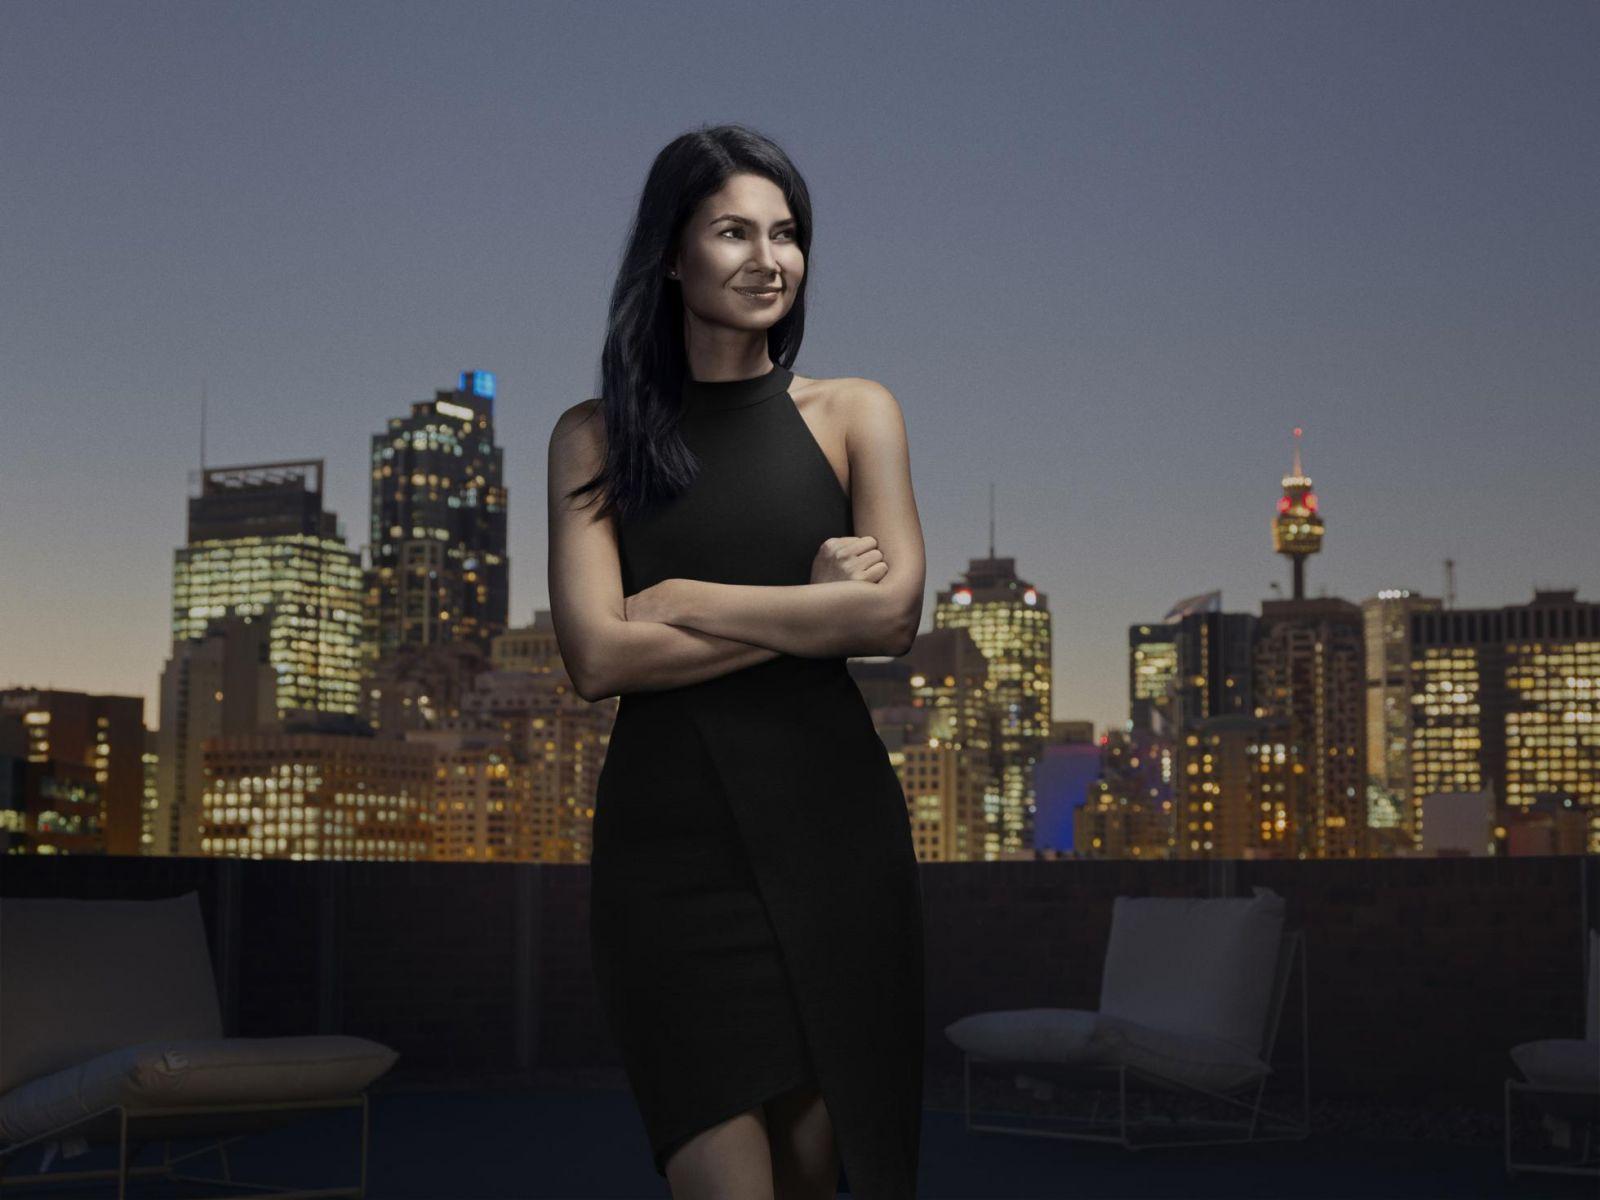 Melanie Perkins, được chụp ảnh tại đây trên đỉnh văn phòng Canva ở Sydney cho câu chuyện trang bìa của Forbes vào năm 2019, là nữ tỷ phú tự thân mới nhất. DEAN MACKENZIE